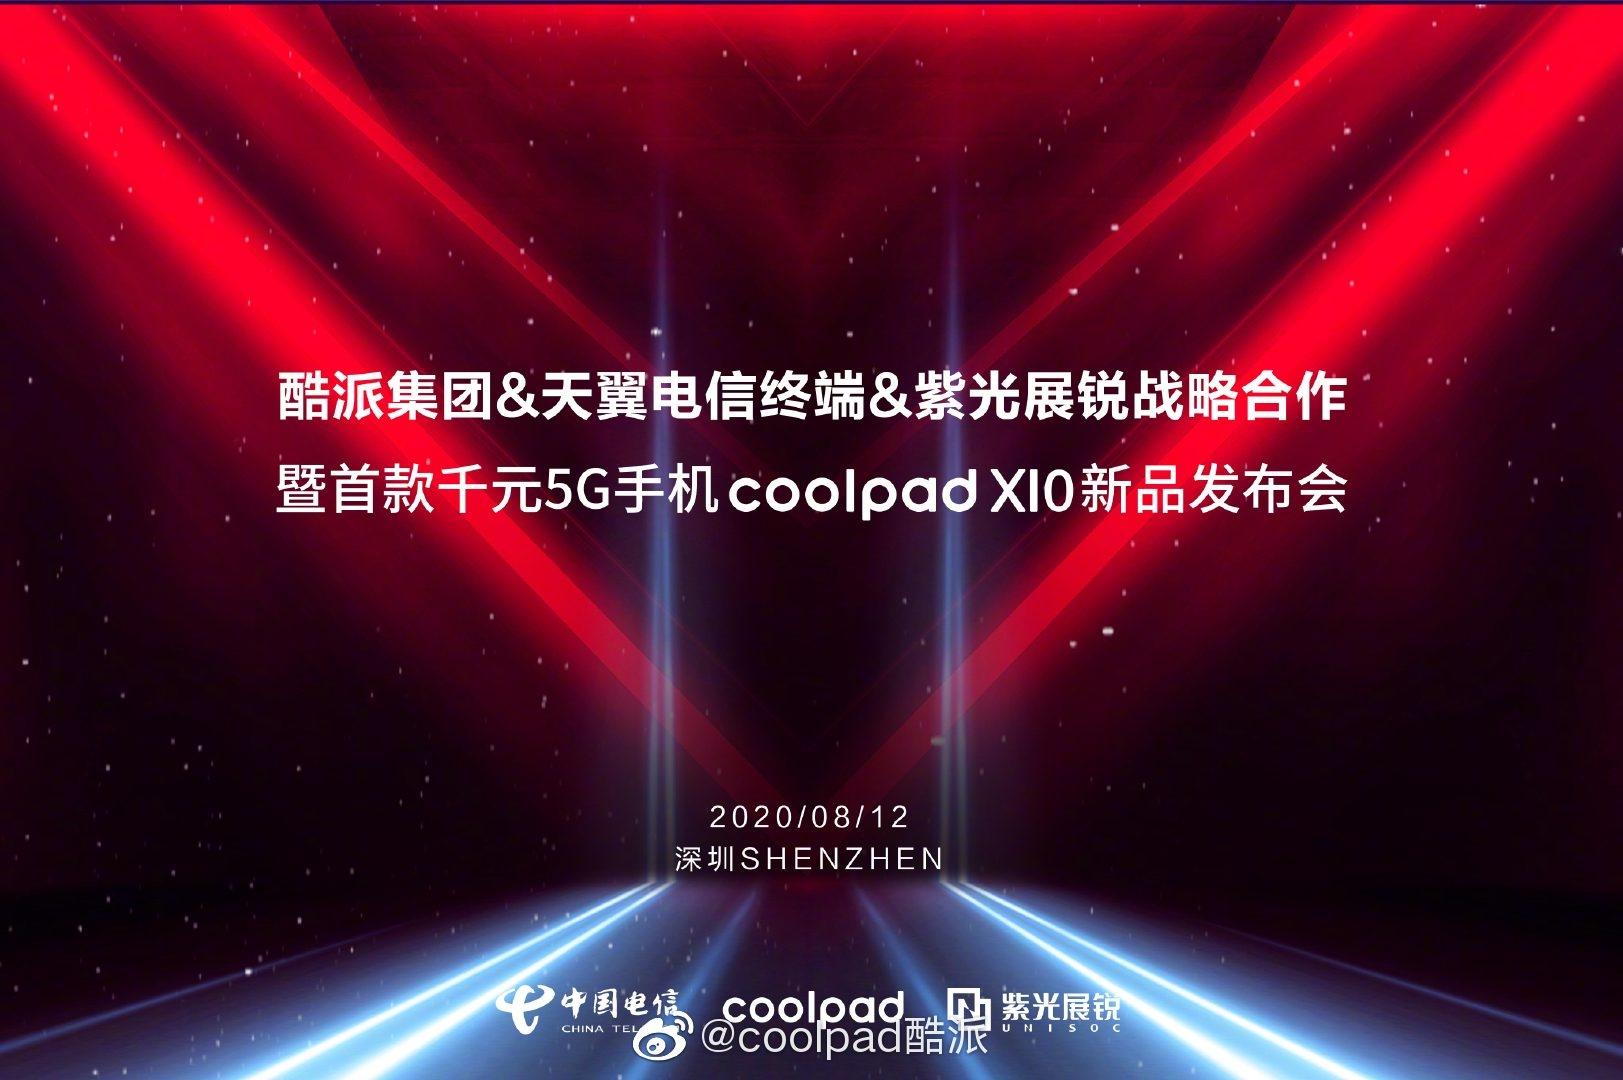 酷派宣布首款千元5G手机X10:紫光展锐芯片